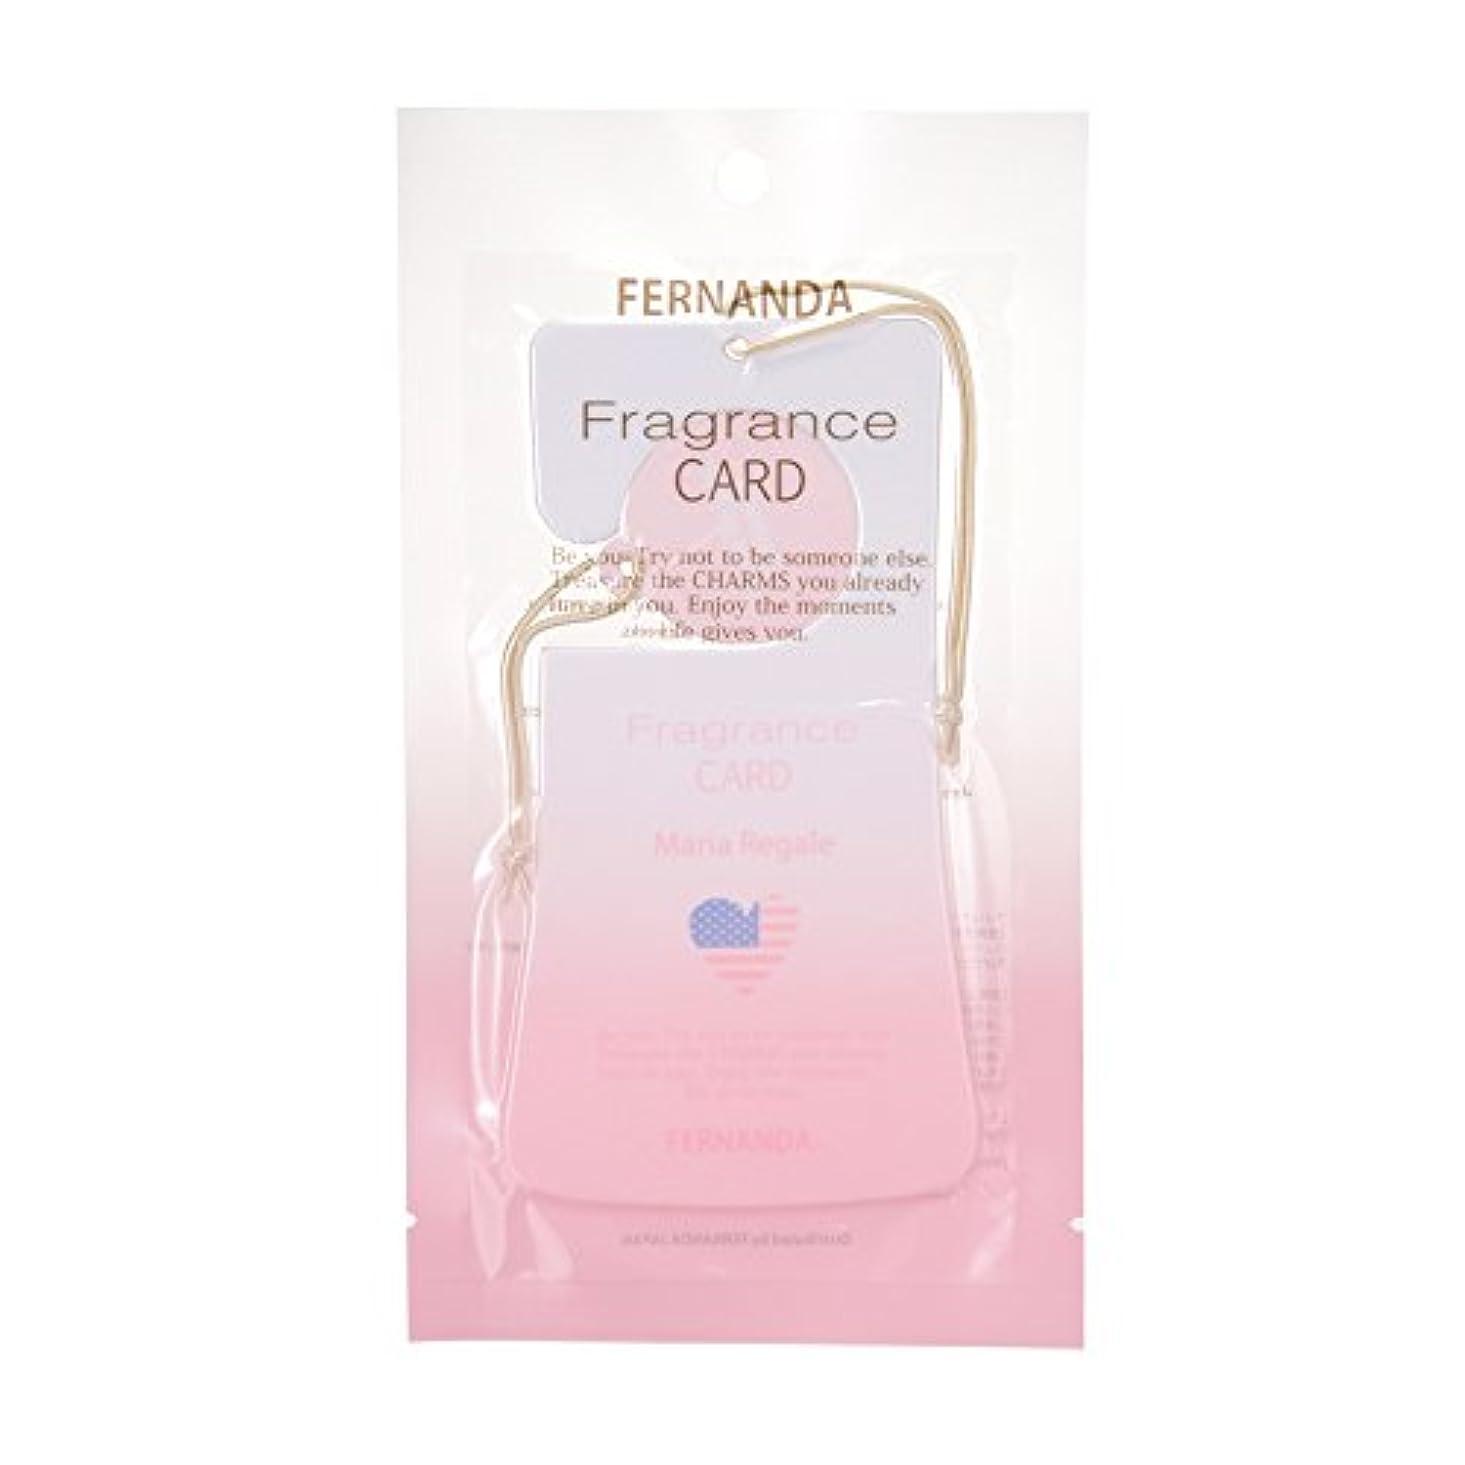 皮従順なコモランマFERNANDA(フェルナンダ) Fragrance Card Maria Regale (フレグランスカード マリアリゲル)